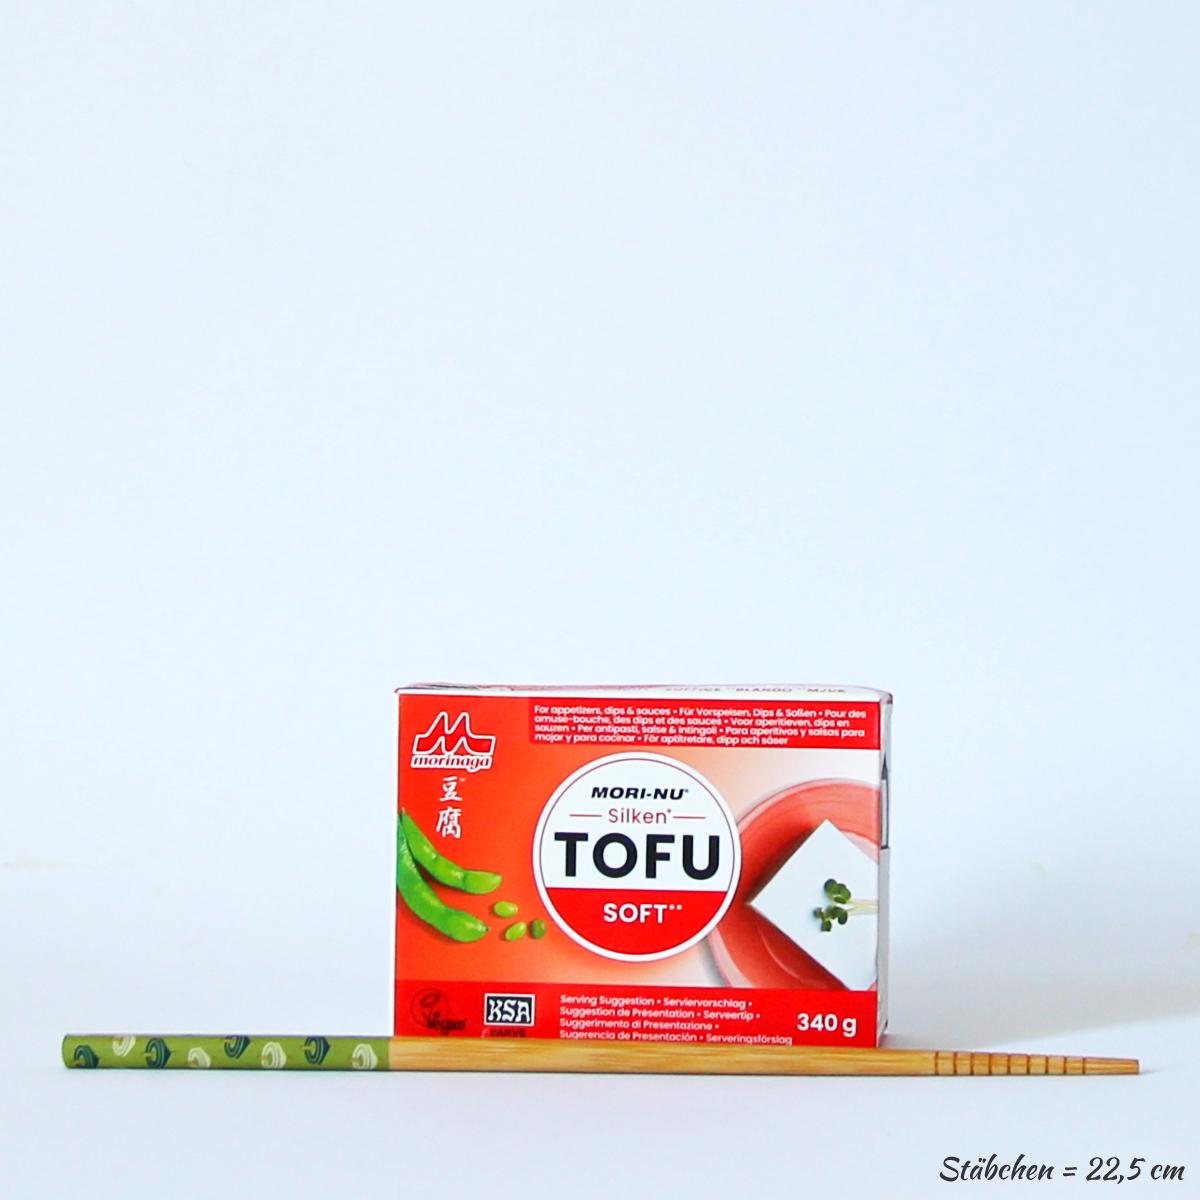 Silken Tofu Soft 340g (Seidentofu), MORI-NU